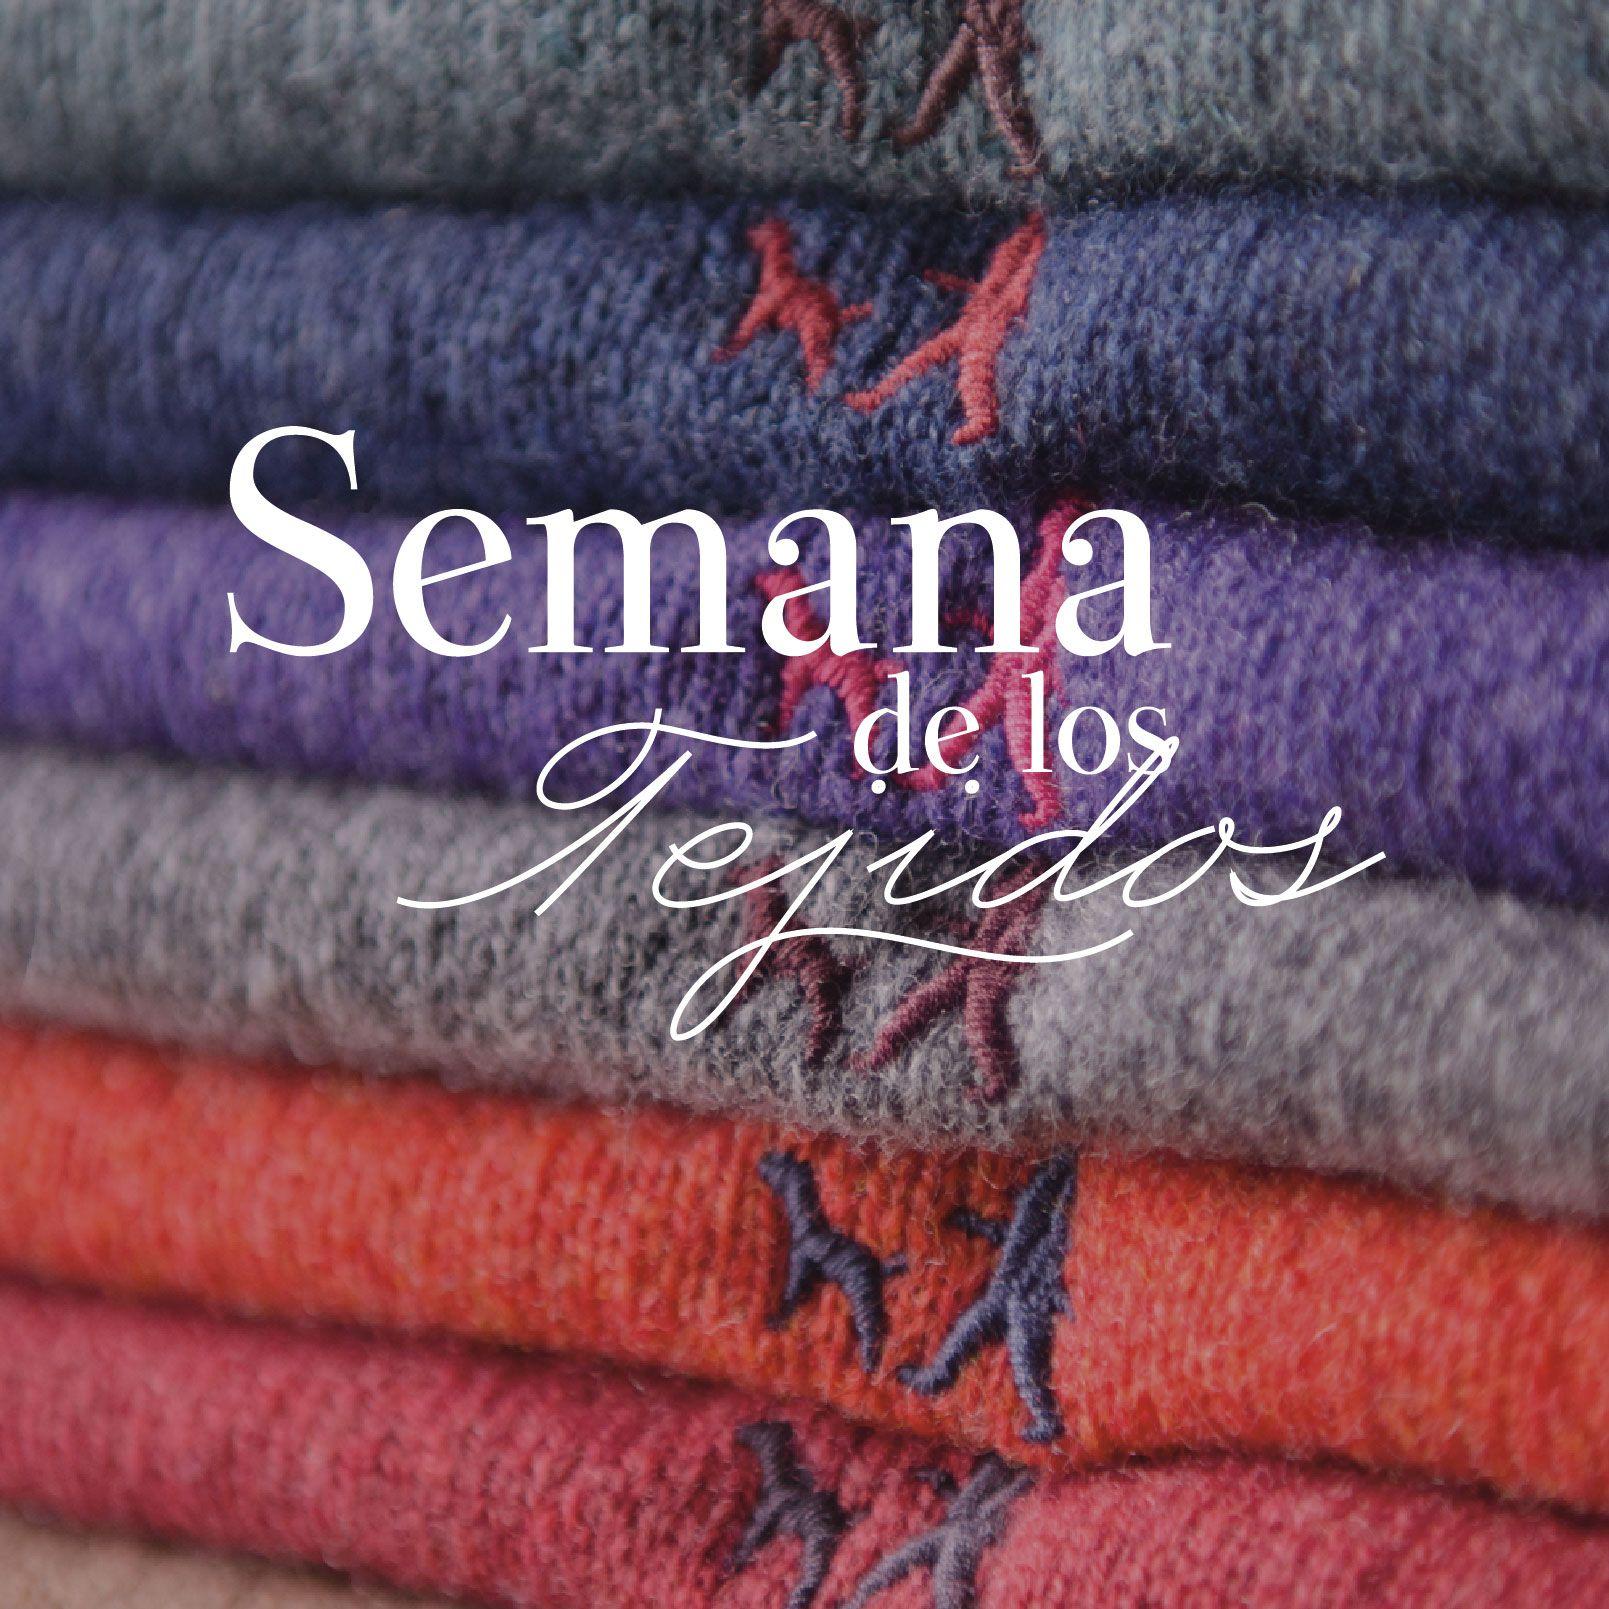 Tejidos Saville Row  Knitwear SR  Inspirados en modelos militares con diseños escoceses y usando materiales nobles y con acabados especiales los sweaters Saville Row son clásicos y a temporales, perfectos para este invierno.  www.savillerow.cl  http://savillerowoficial.tumblr.com/